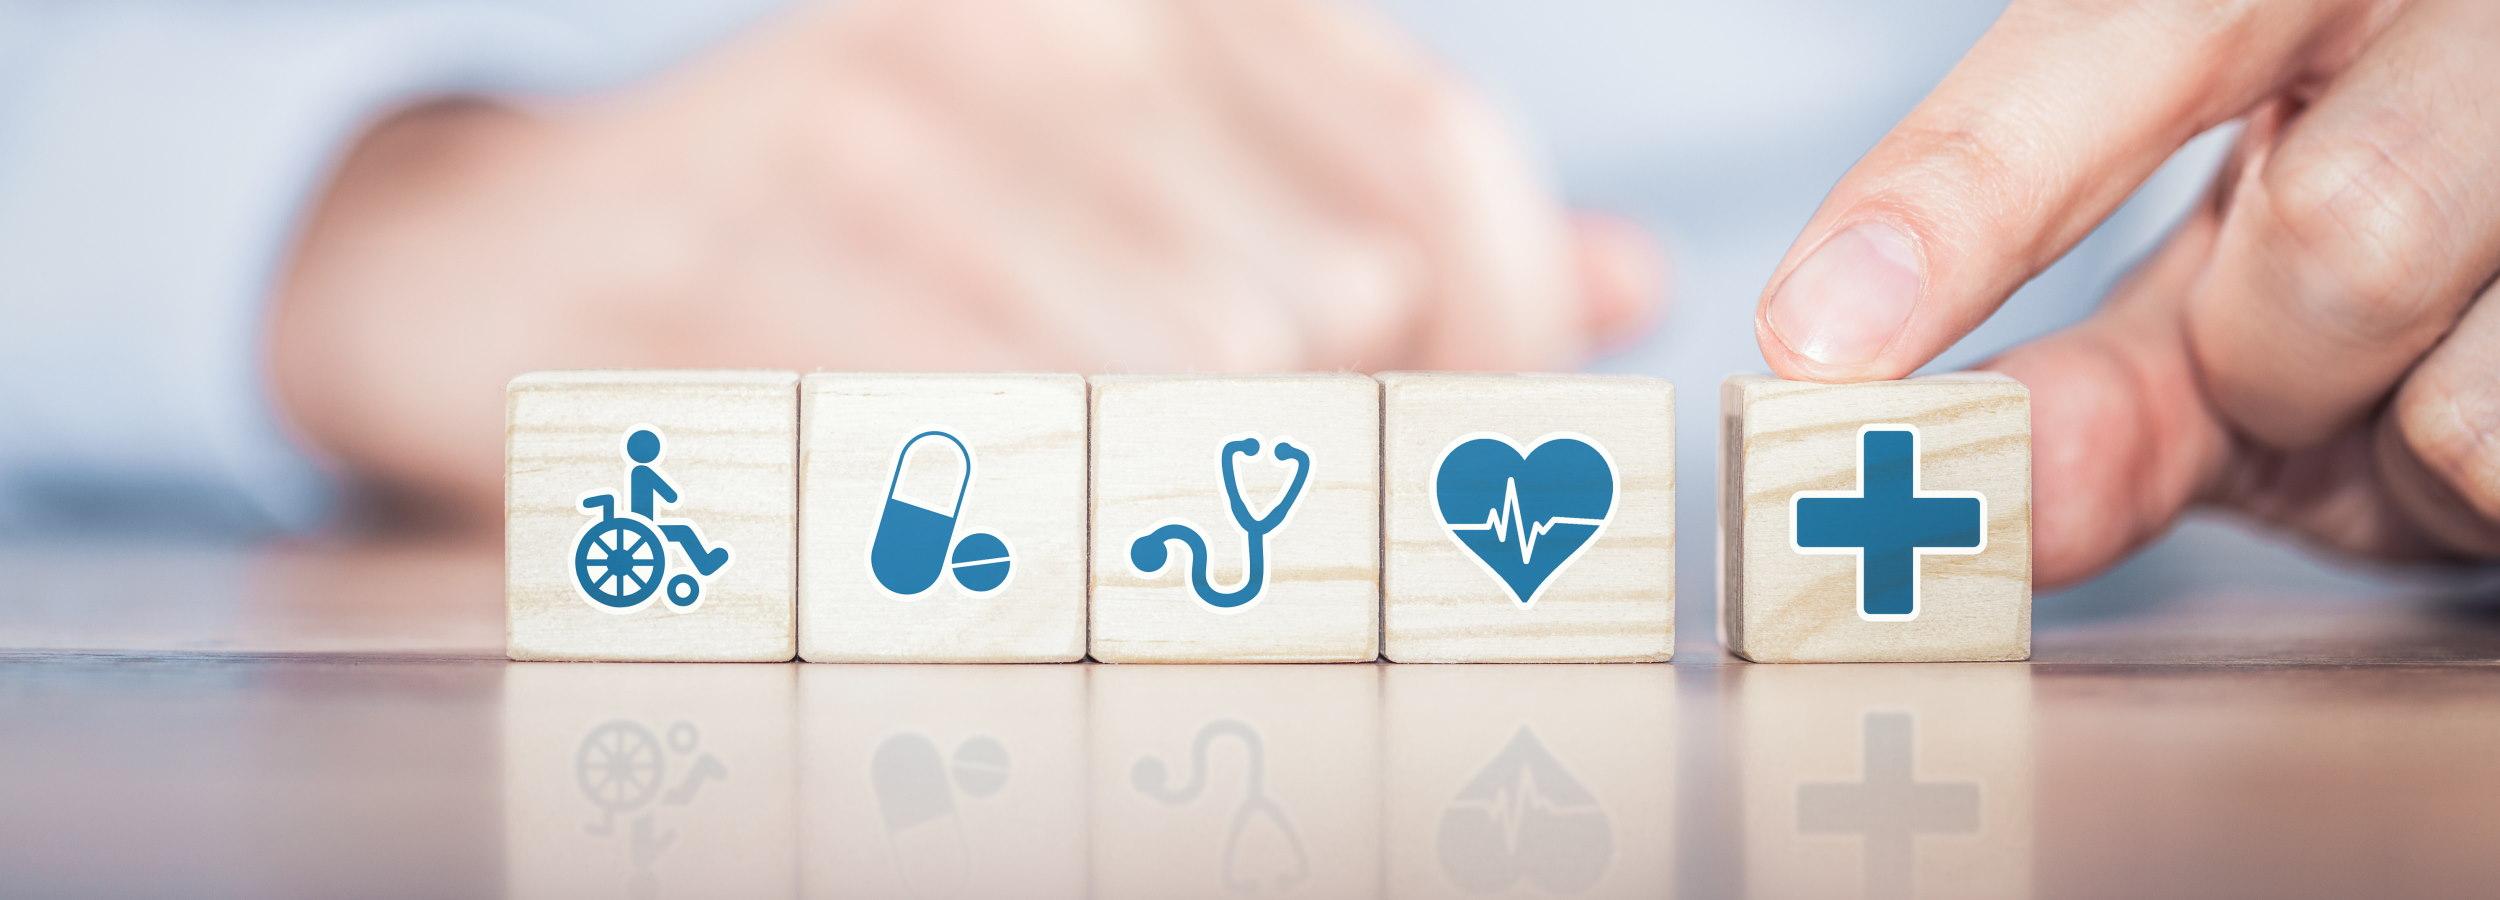 asistencia médica nacional